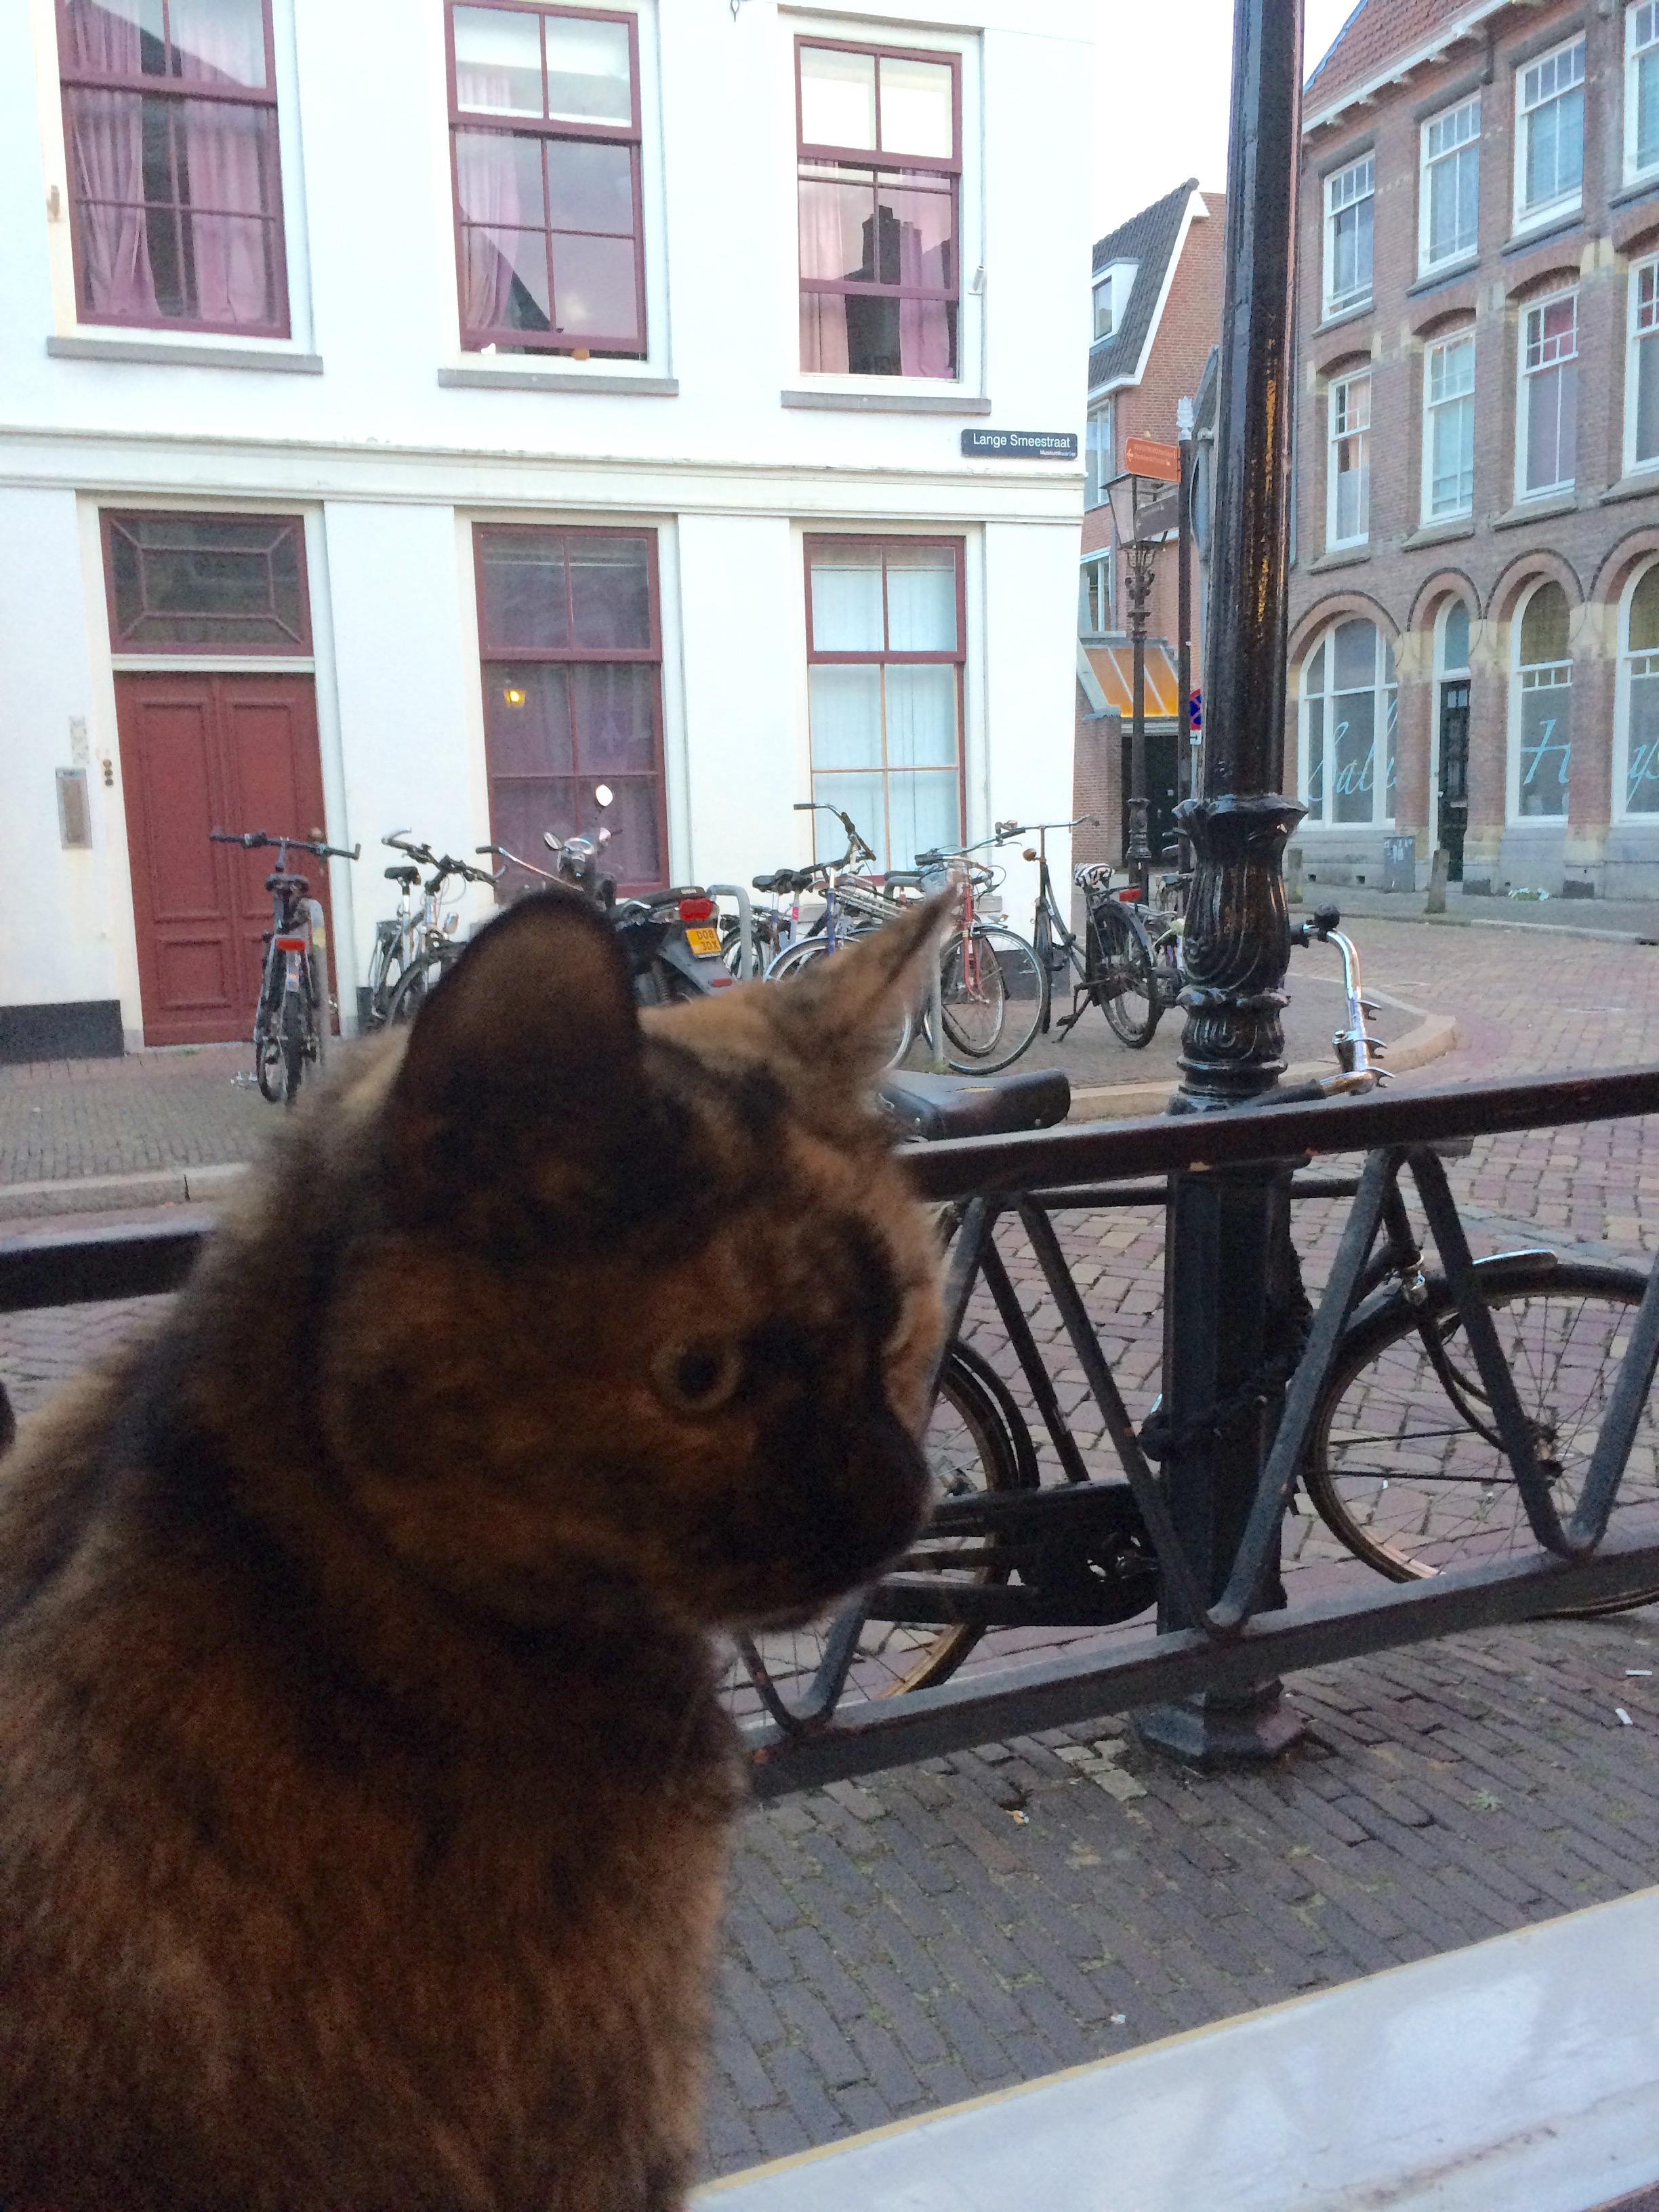 Cat, Cafe Derat, Utrecht, the Netherlands